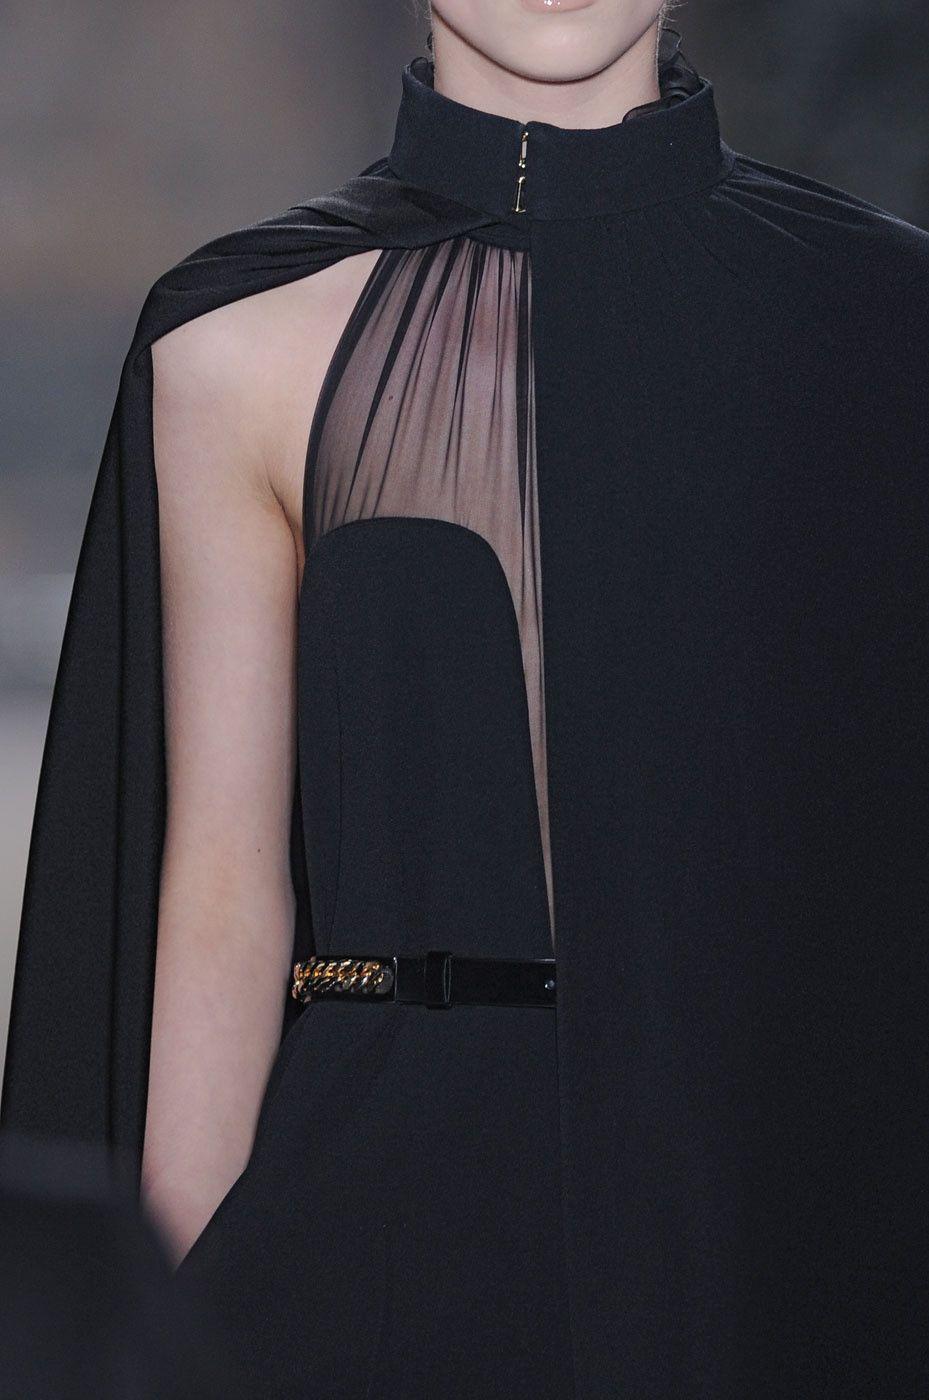 Details at yves saint laurent u haute couture clothes pinteu